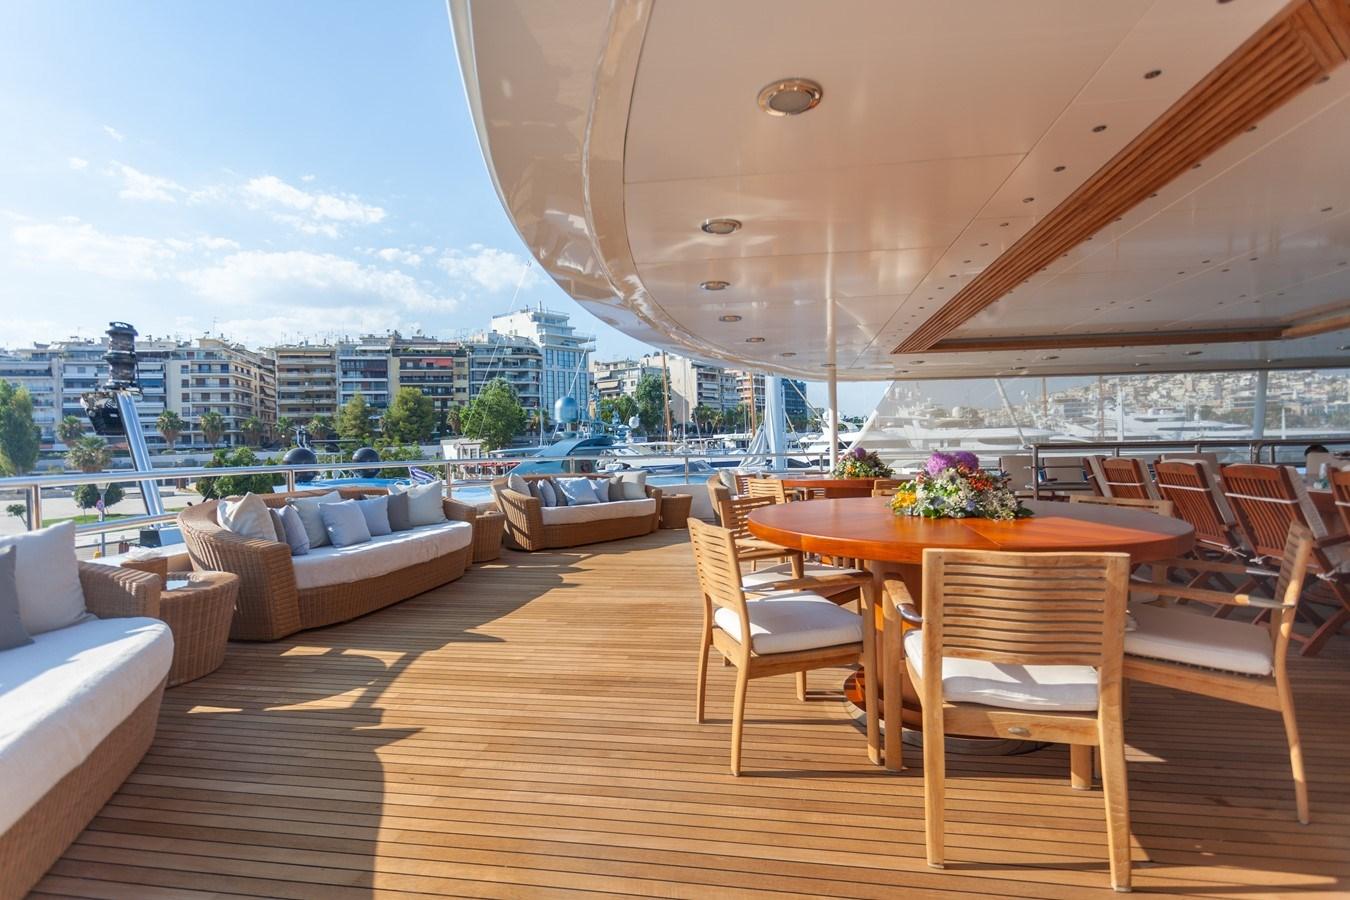 020 O'Mega_271-  aft dining  large_2240885 2004 MITSUBISHI  Mega Yacht 2919770